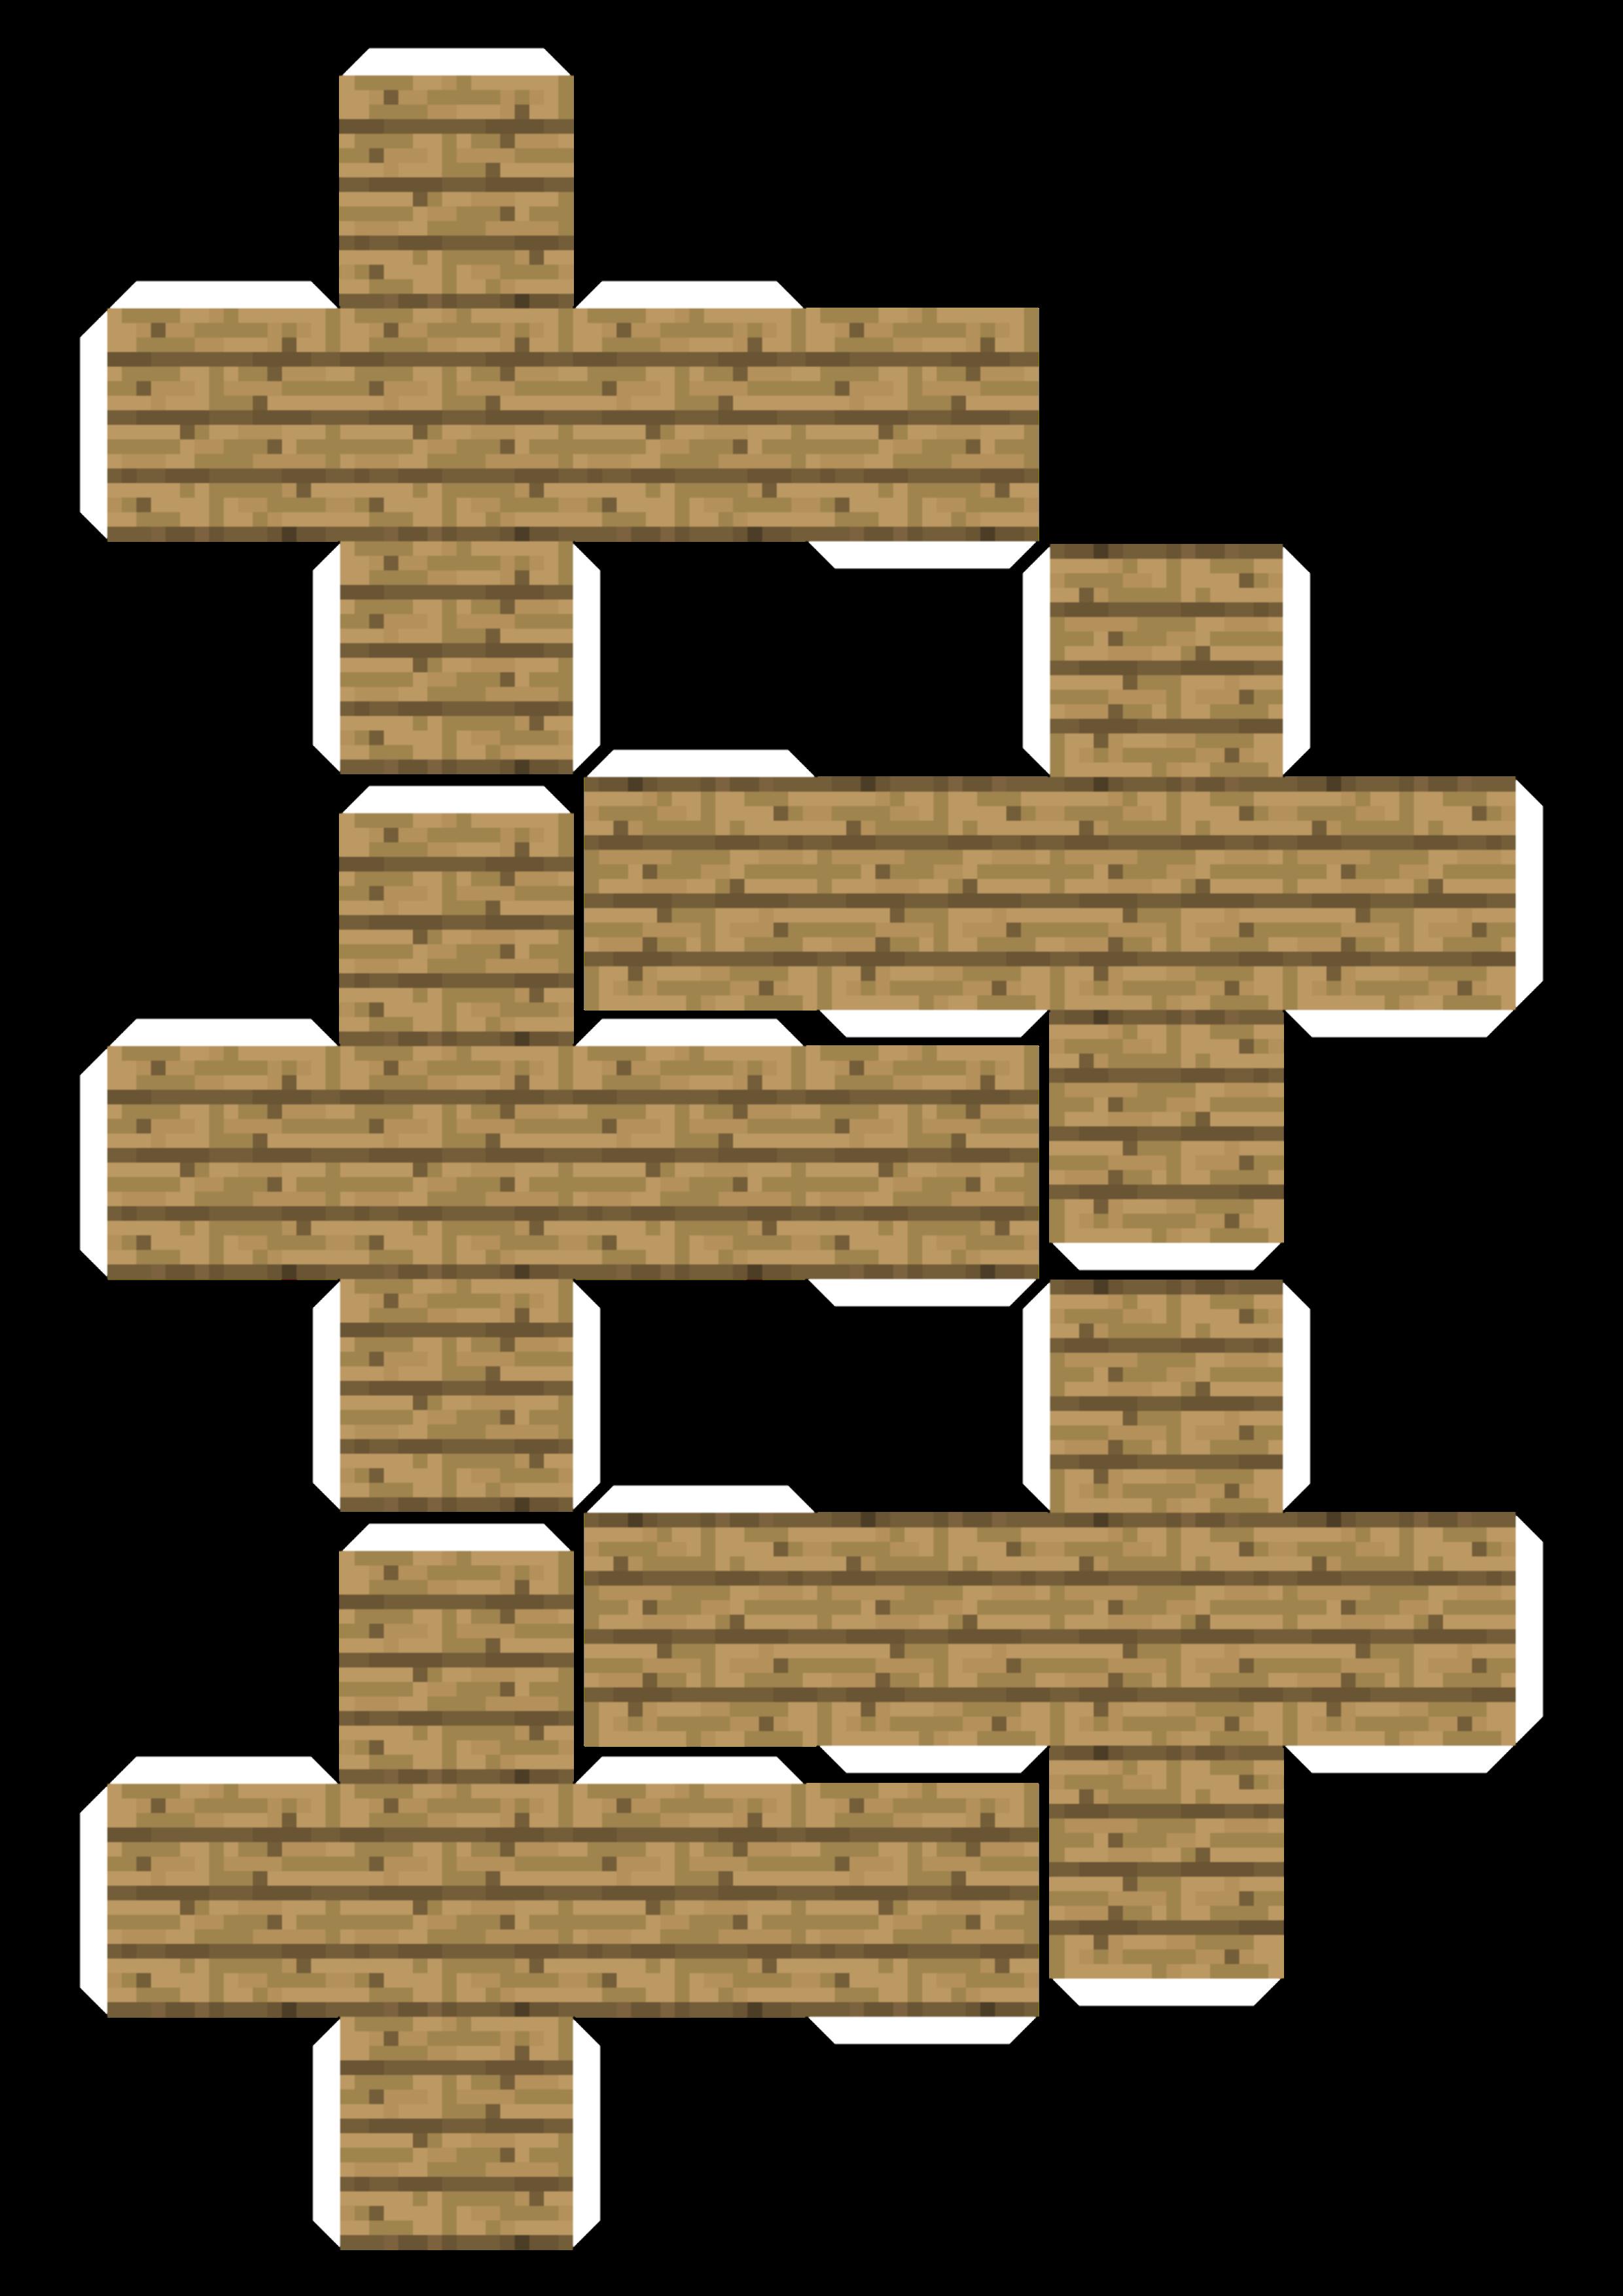 Картинки из майнкрафта сделанными из блоков